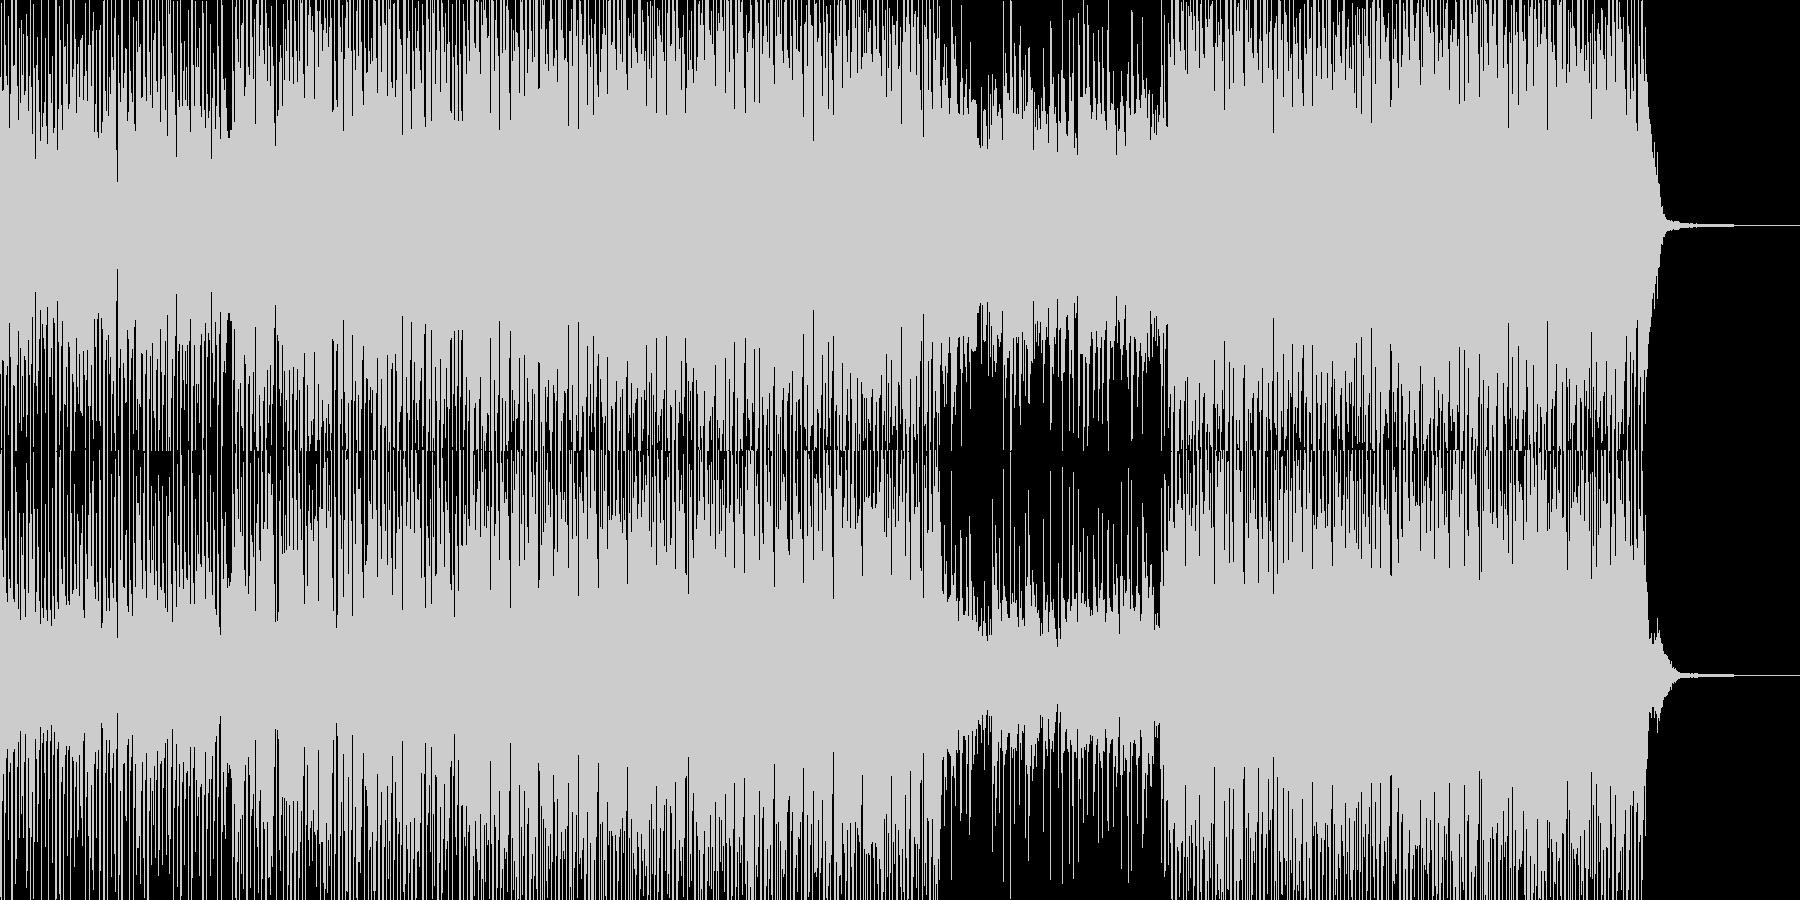 楽しくコミカルでちょっぴり感動的なBGMの未再生の波形